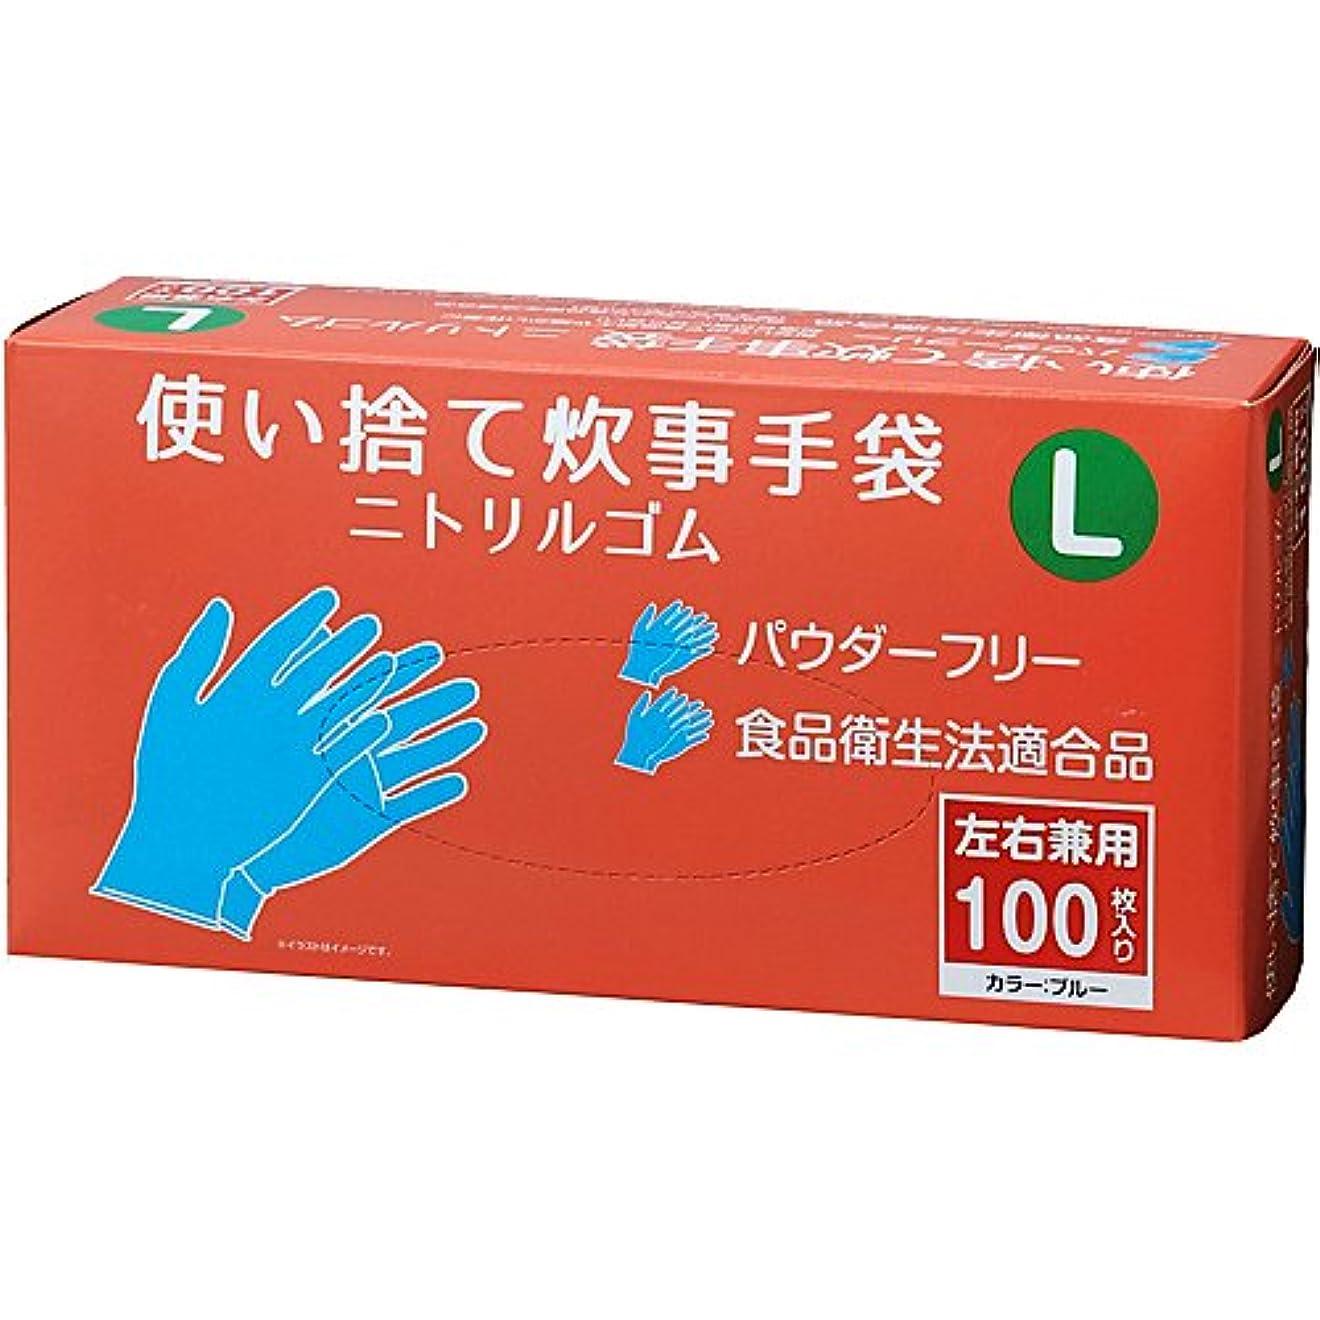 トーストつなぐ実験をするコーナンオリジナル 使い捨て炊事手袋 ニトリルゴム 100枚入り L